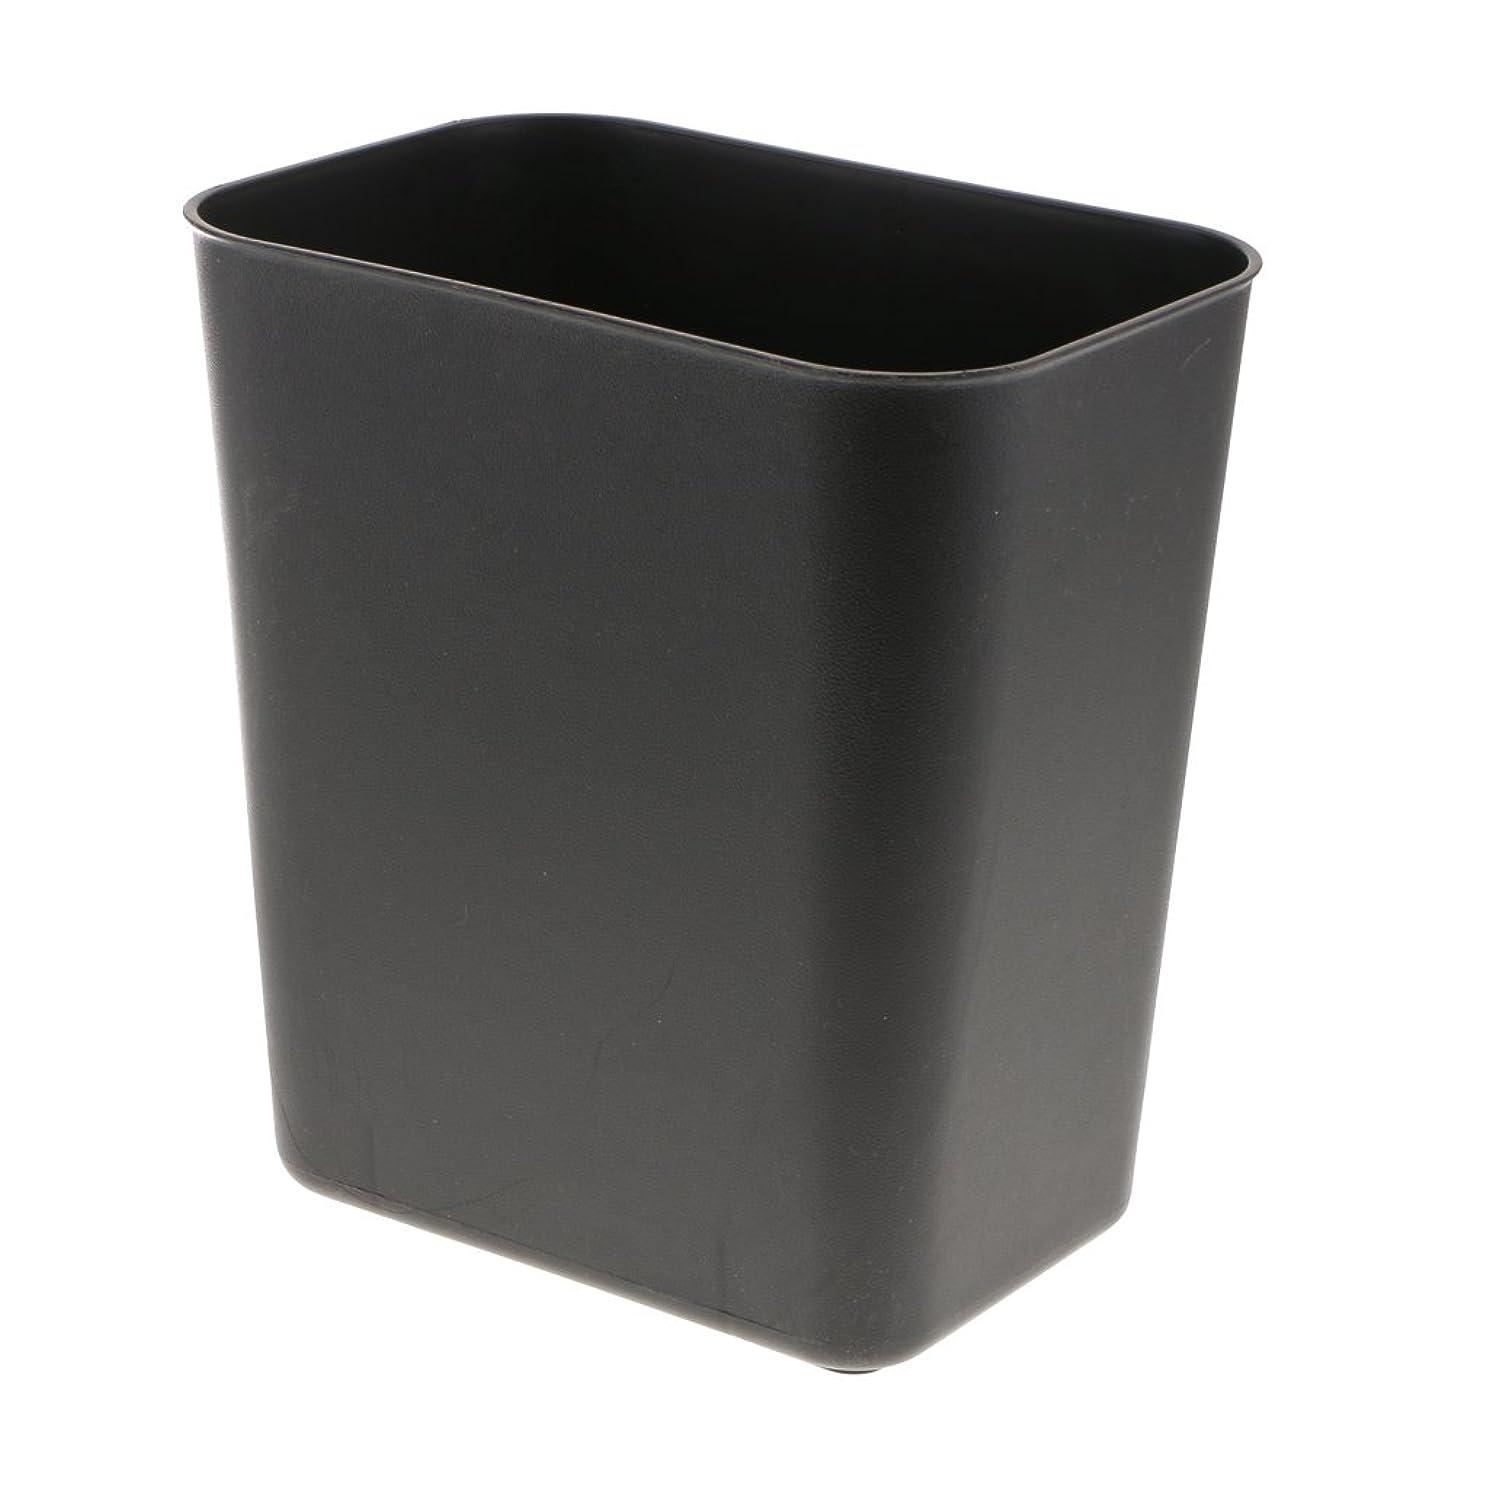 データ物語パネル8l四角いプラスチックゴミゴミ箱バスルームキッチンペーパーバスケットグレー - ブラック